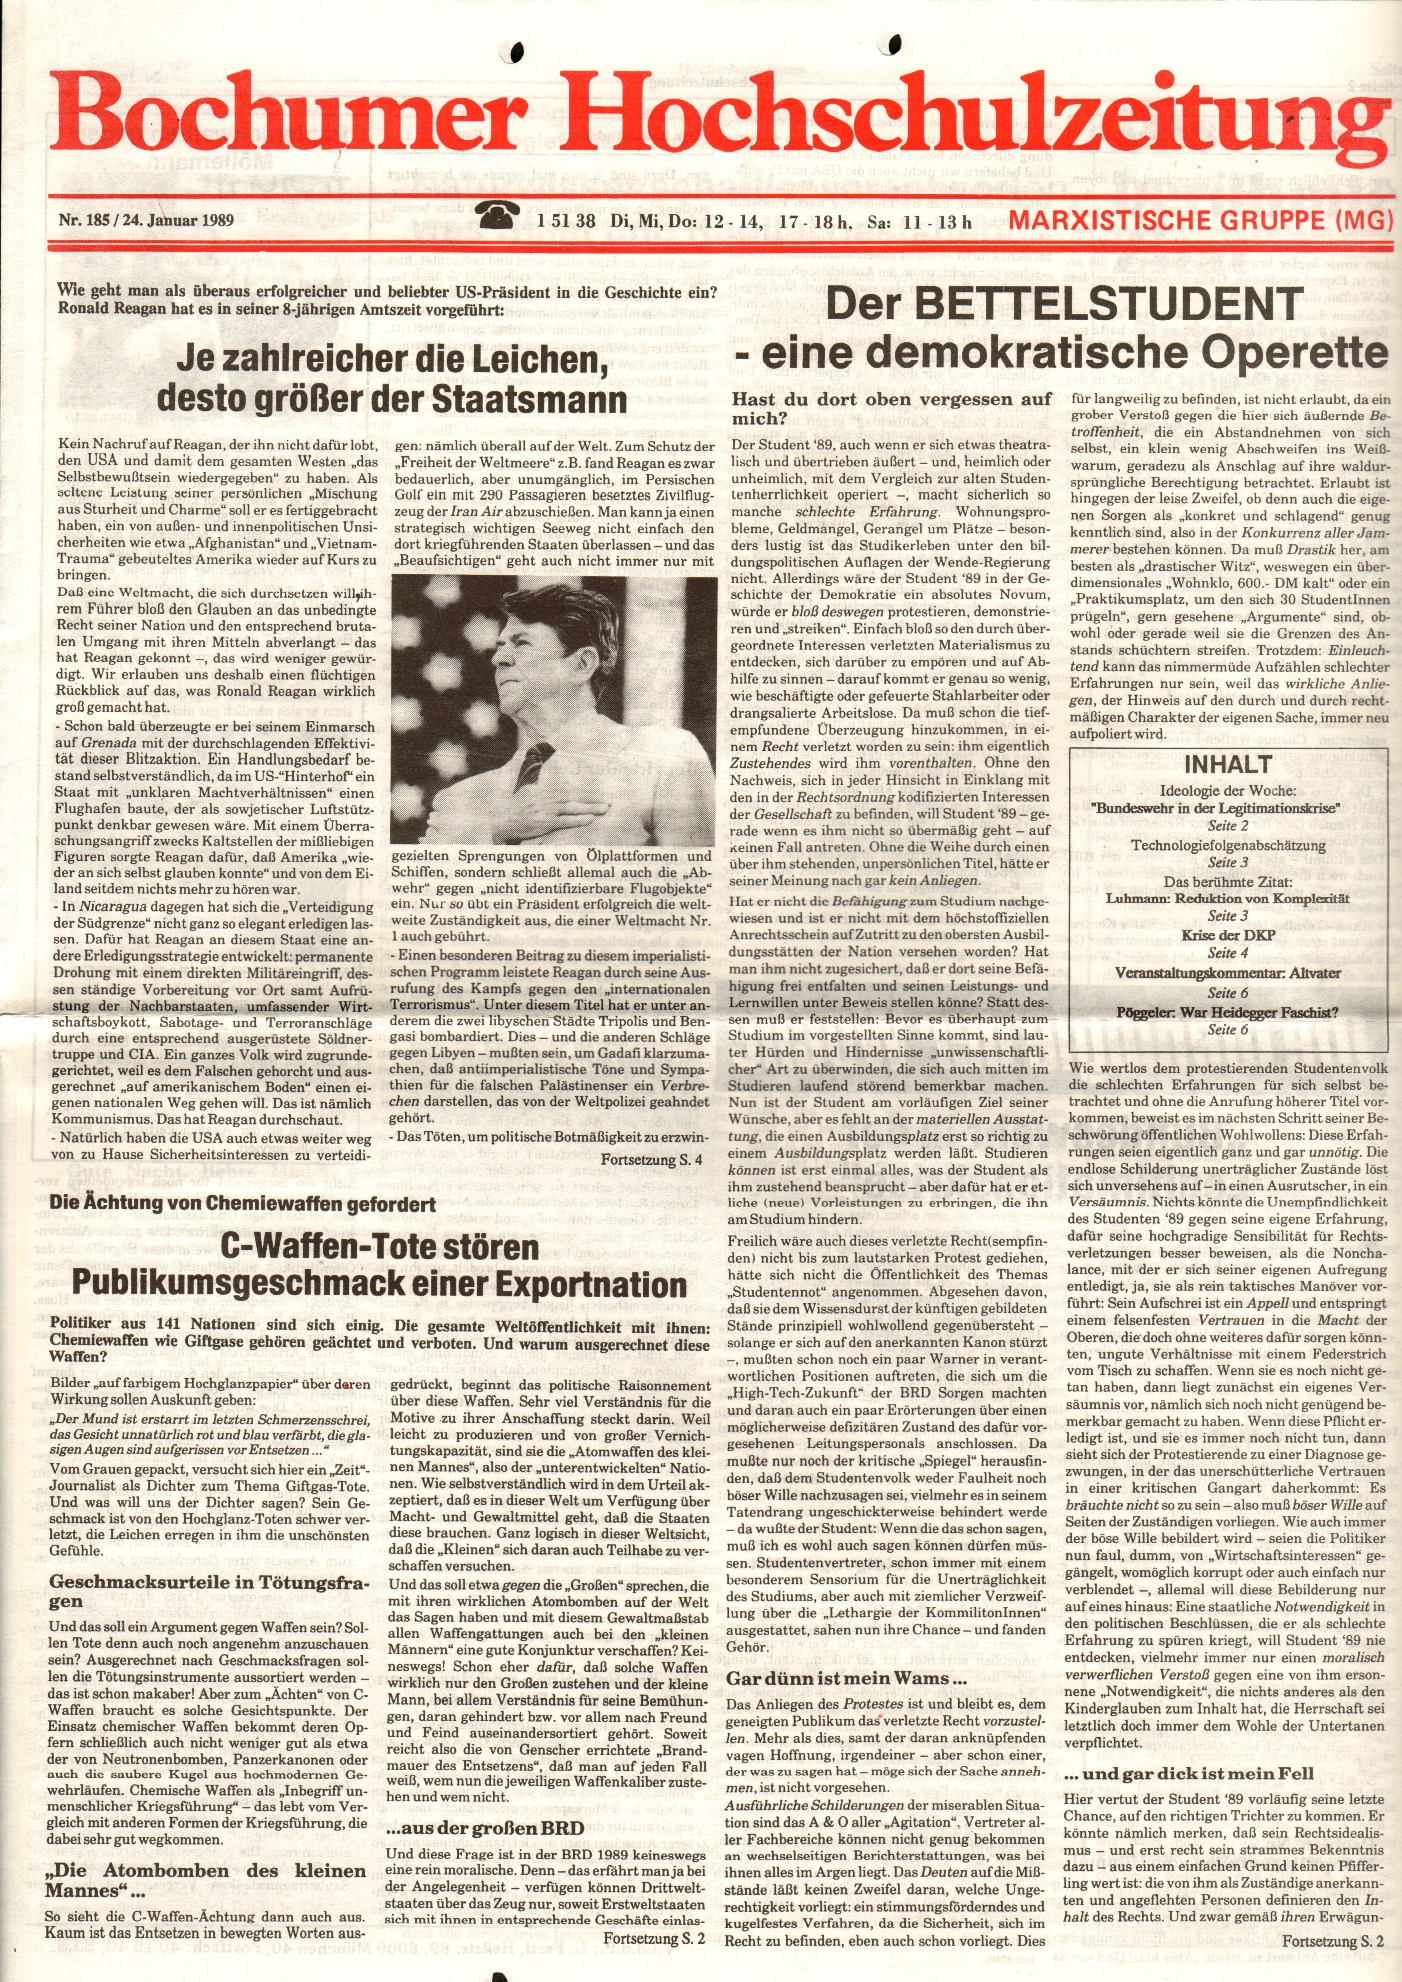 MG_Bochumer_Hochschulzeitung_19890124_01